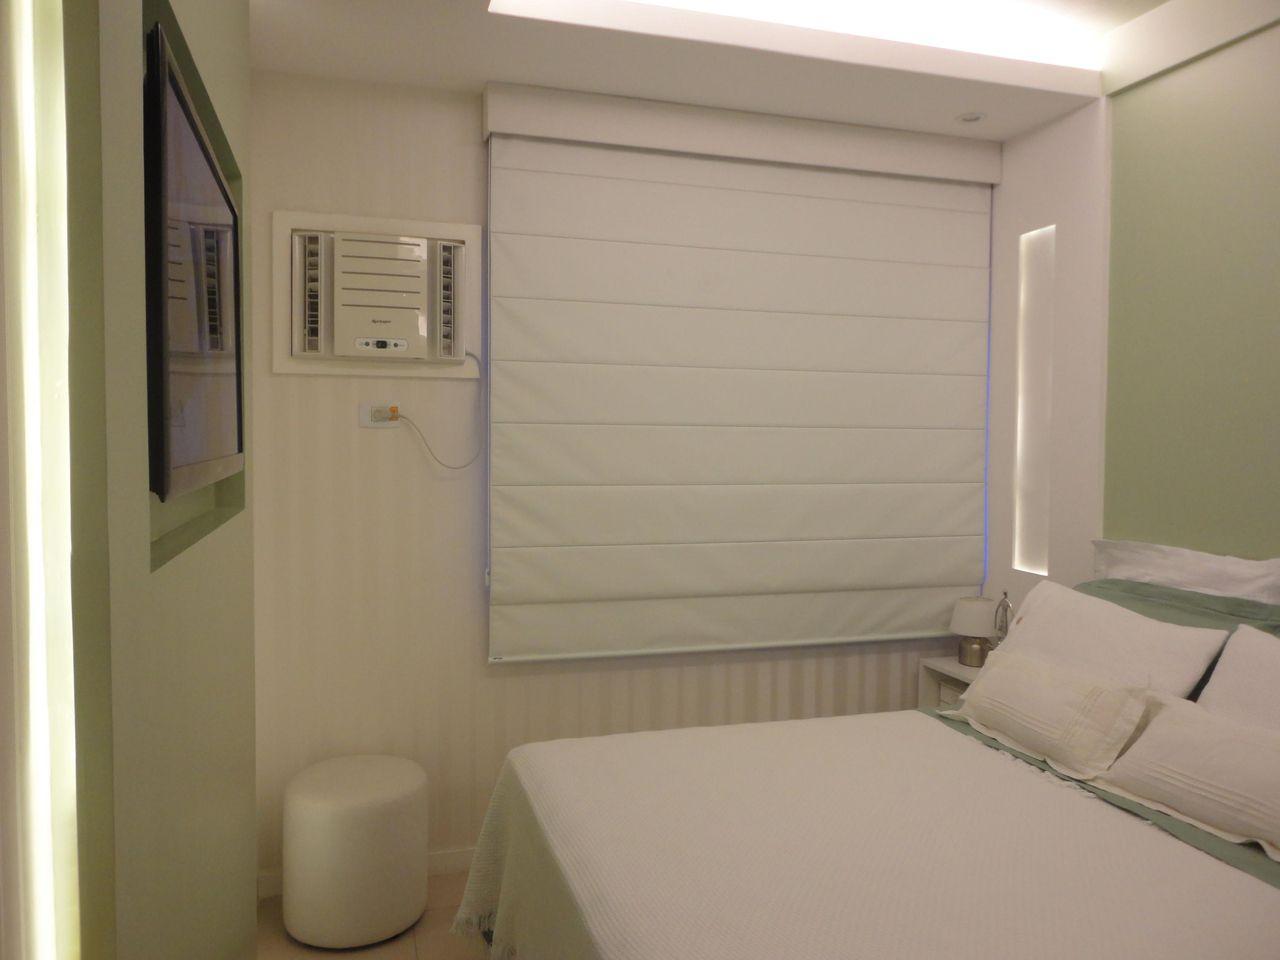 Projeto Quarto Casal Apartamento Pequeno Redival Com ~ Dicas Decoração Quarto Casal E Decoração Quarto Pequeno